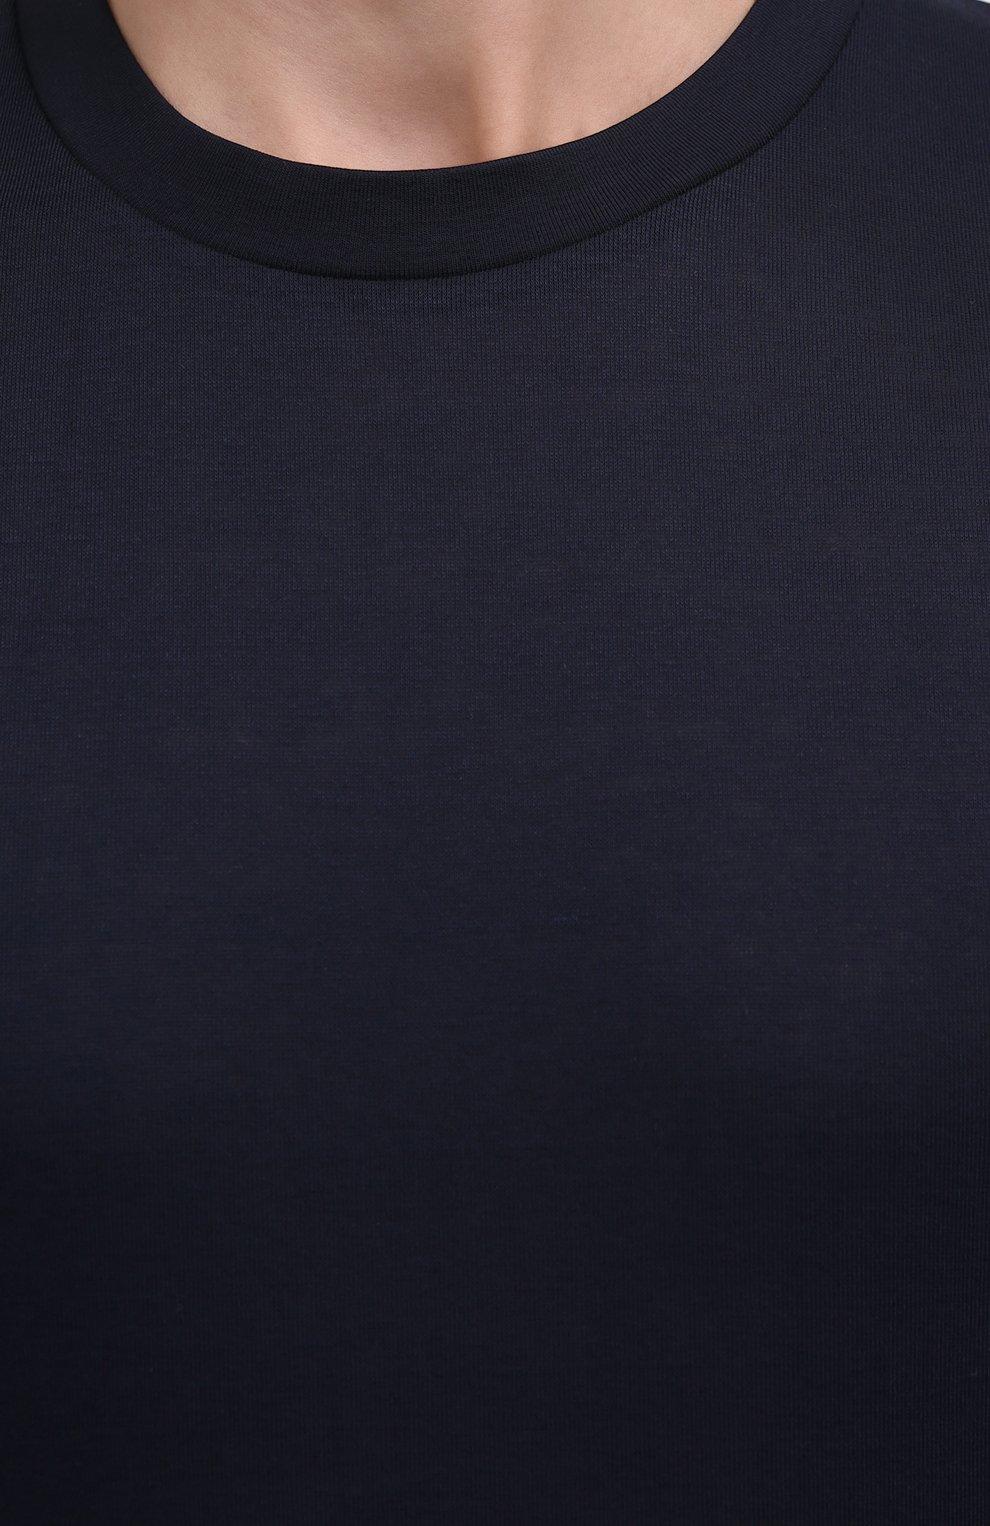 Мужская хлопковая футболка ZIMMERLI темно-синего цвета, арт. 222-1473 | Фото 5 (Кросс-КТ: домашняя одежда; Рукава: Короткие; Длина (для топов): Стандартные; Материал внешний: Хлопок; Мужское Кросс-КТ: Футболка-белье)